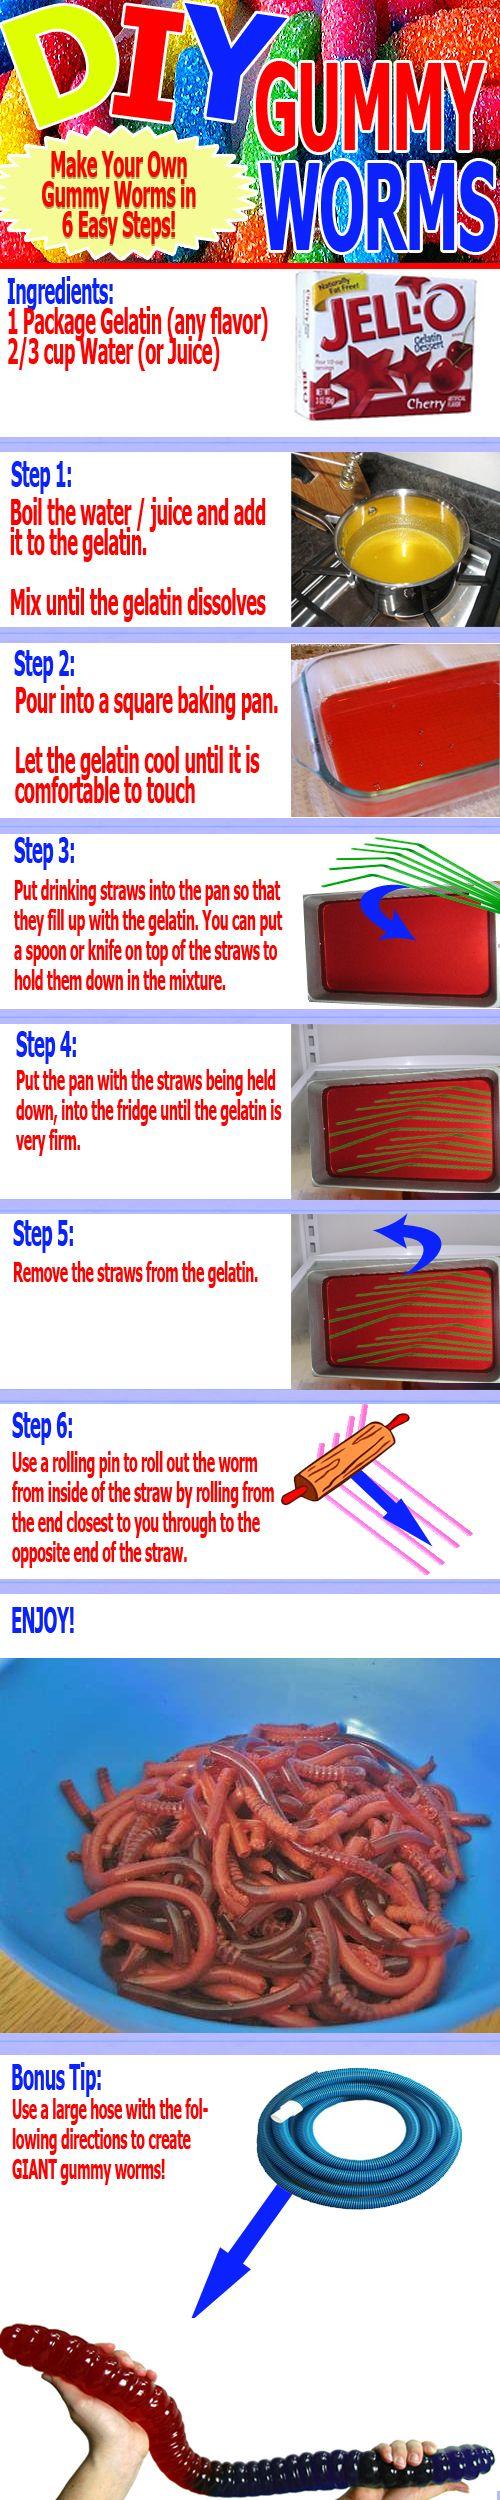 DIY Gummy Worms!